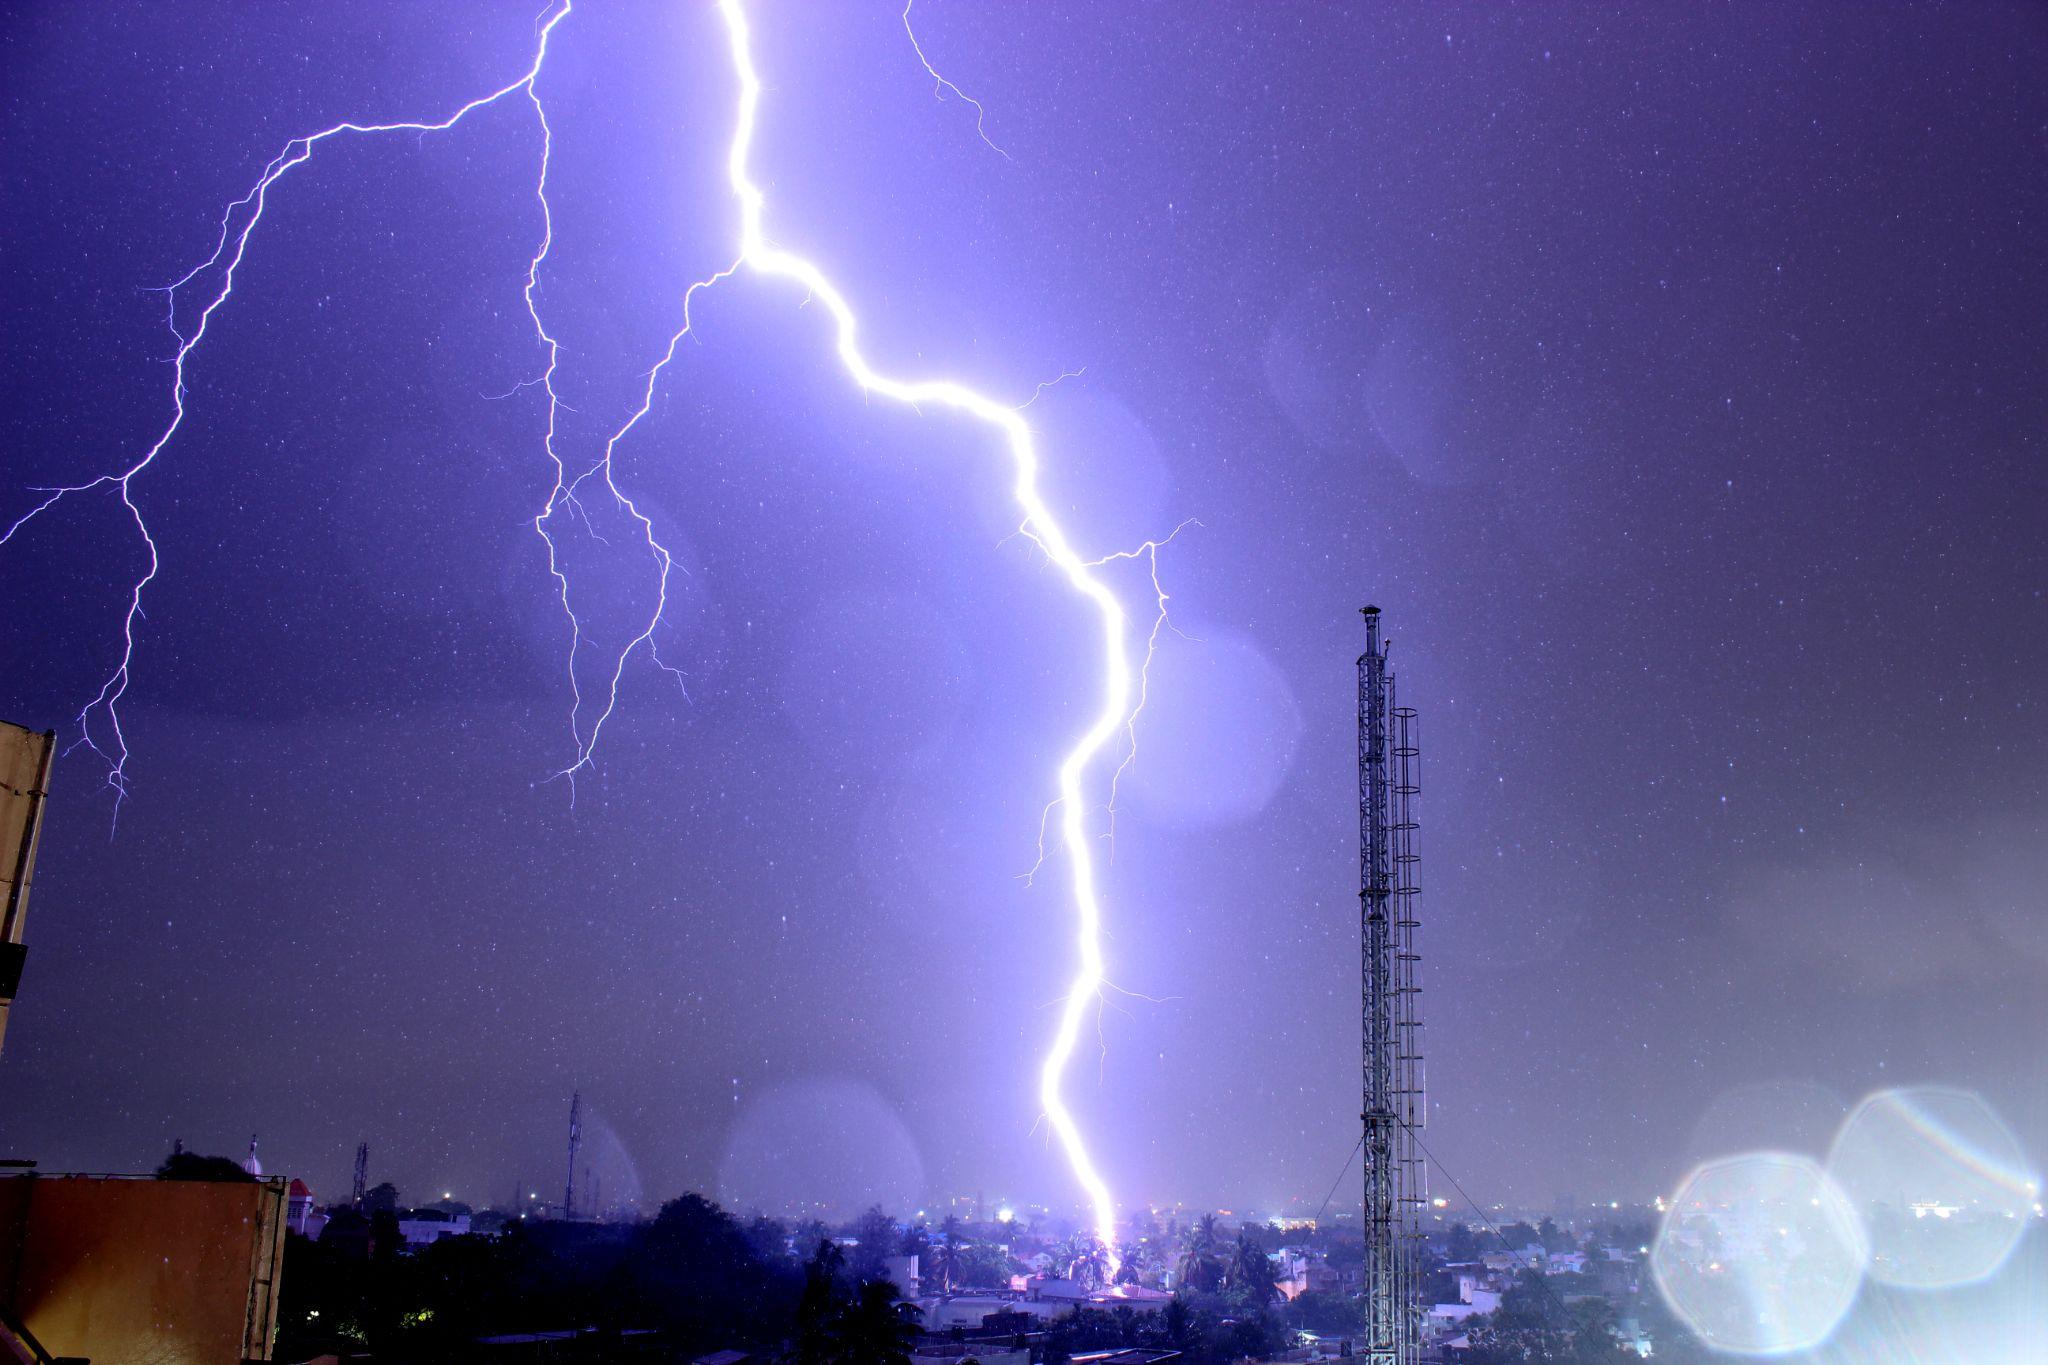 The monster lightning by Karthik Easvur